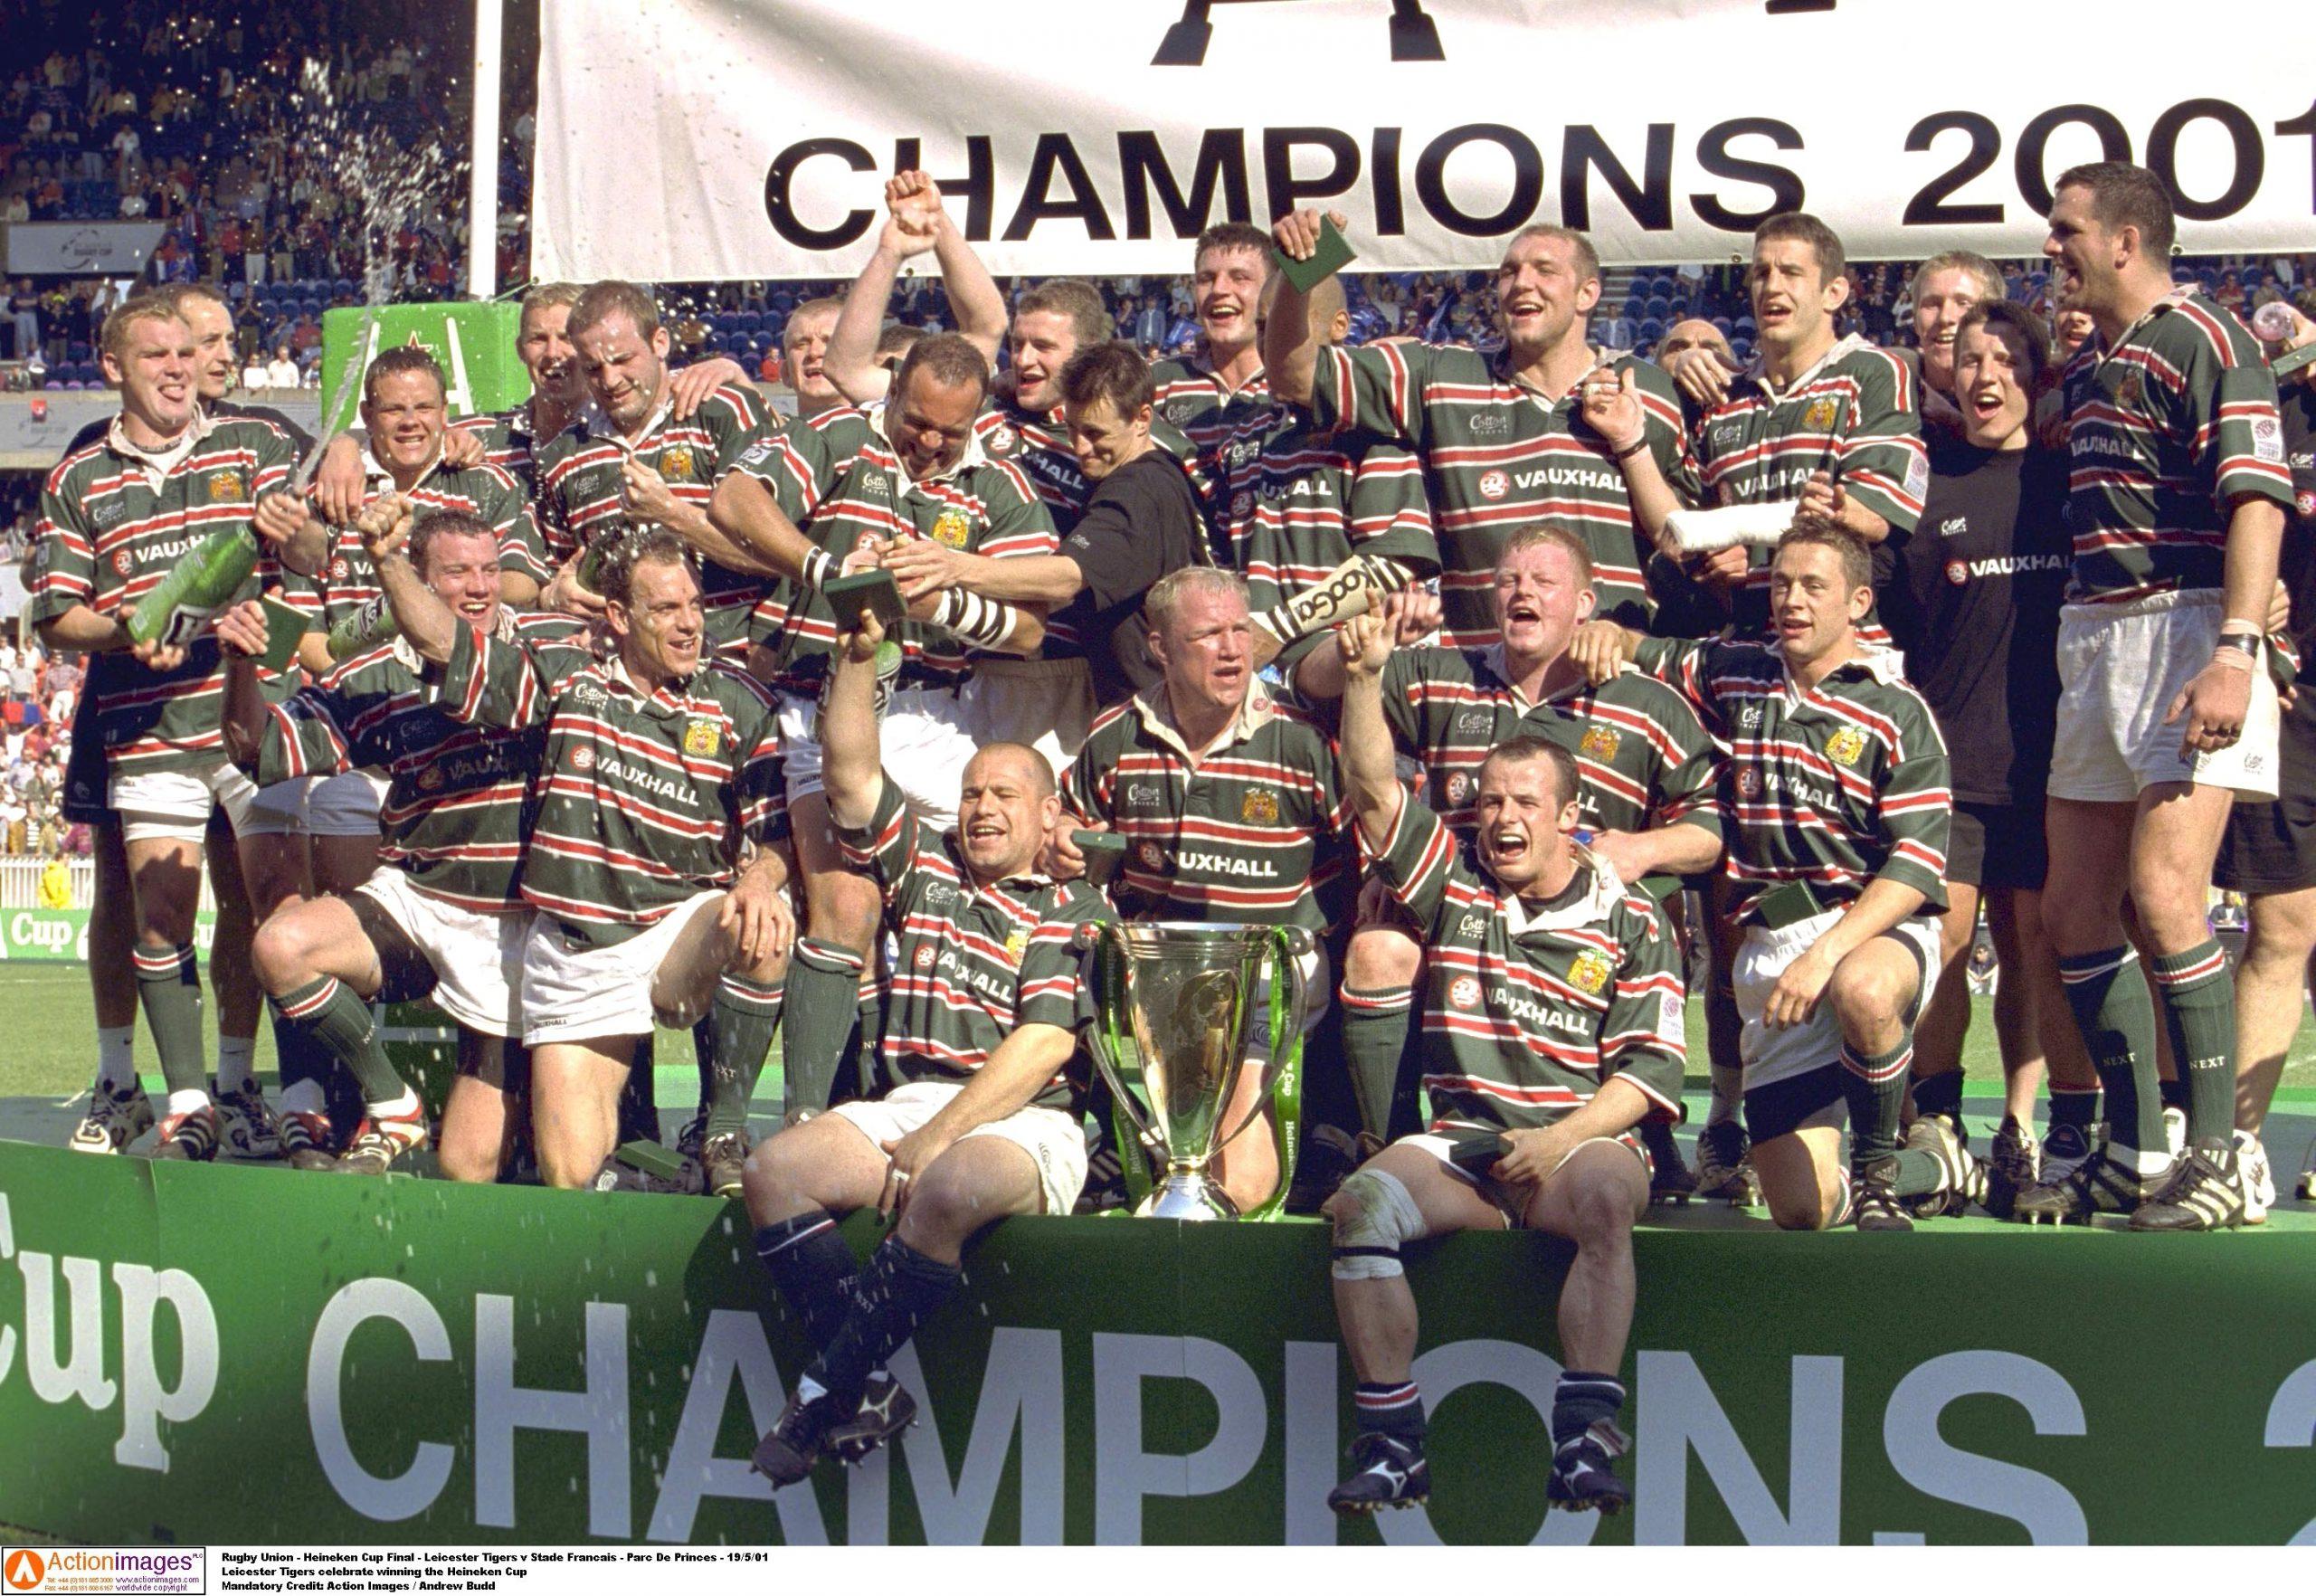 Rugby Union - Heineken Cup Final - Leicester Tigers v Stade Francais - Parc De Princes - 19/5/01